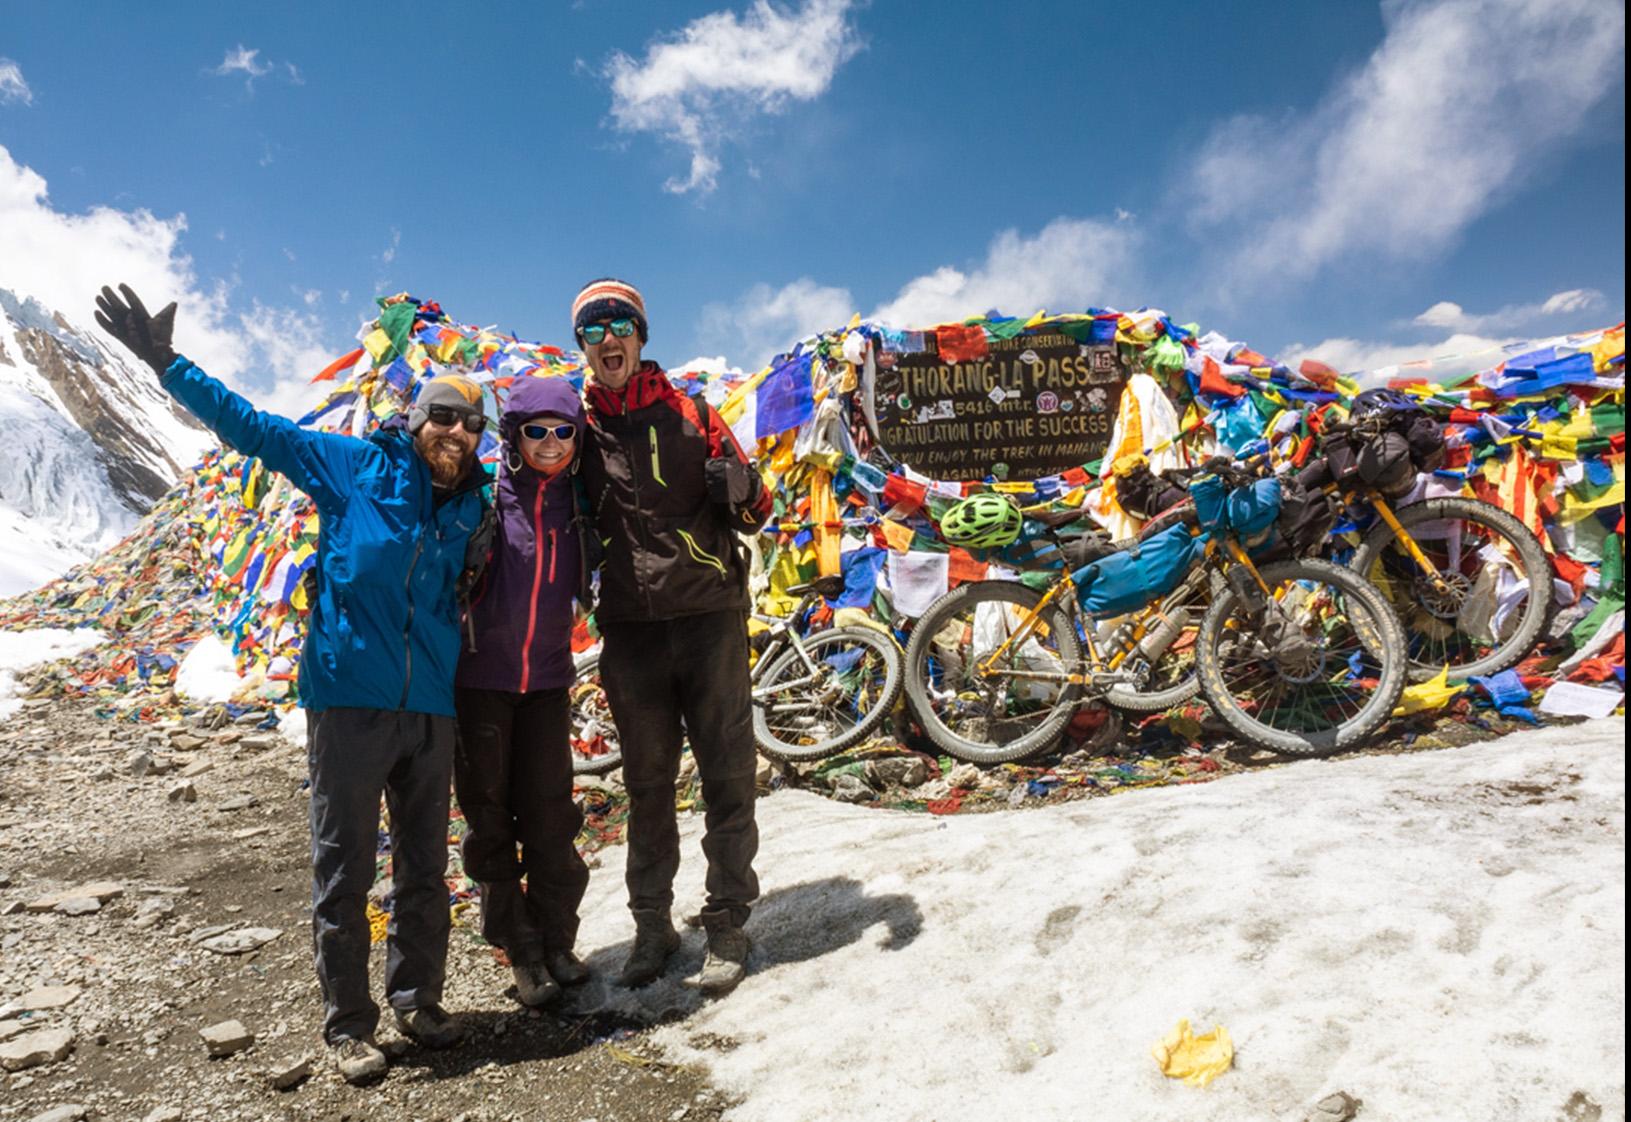 Na biku z Nového Zélandu domů // Bikepacking Nomads